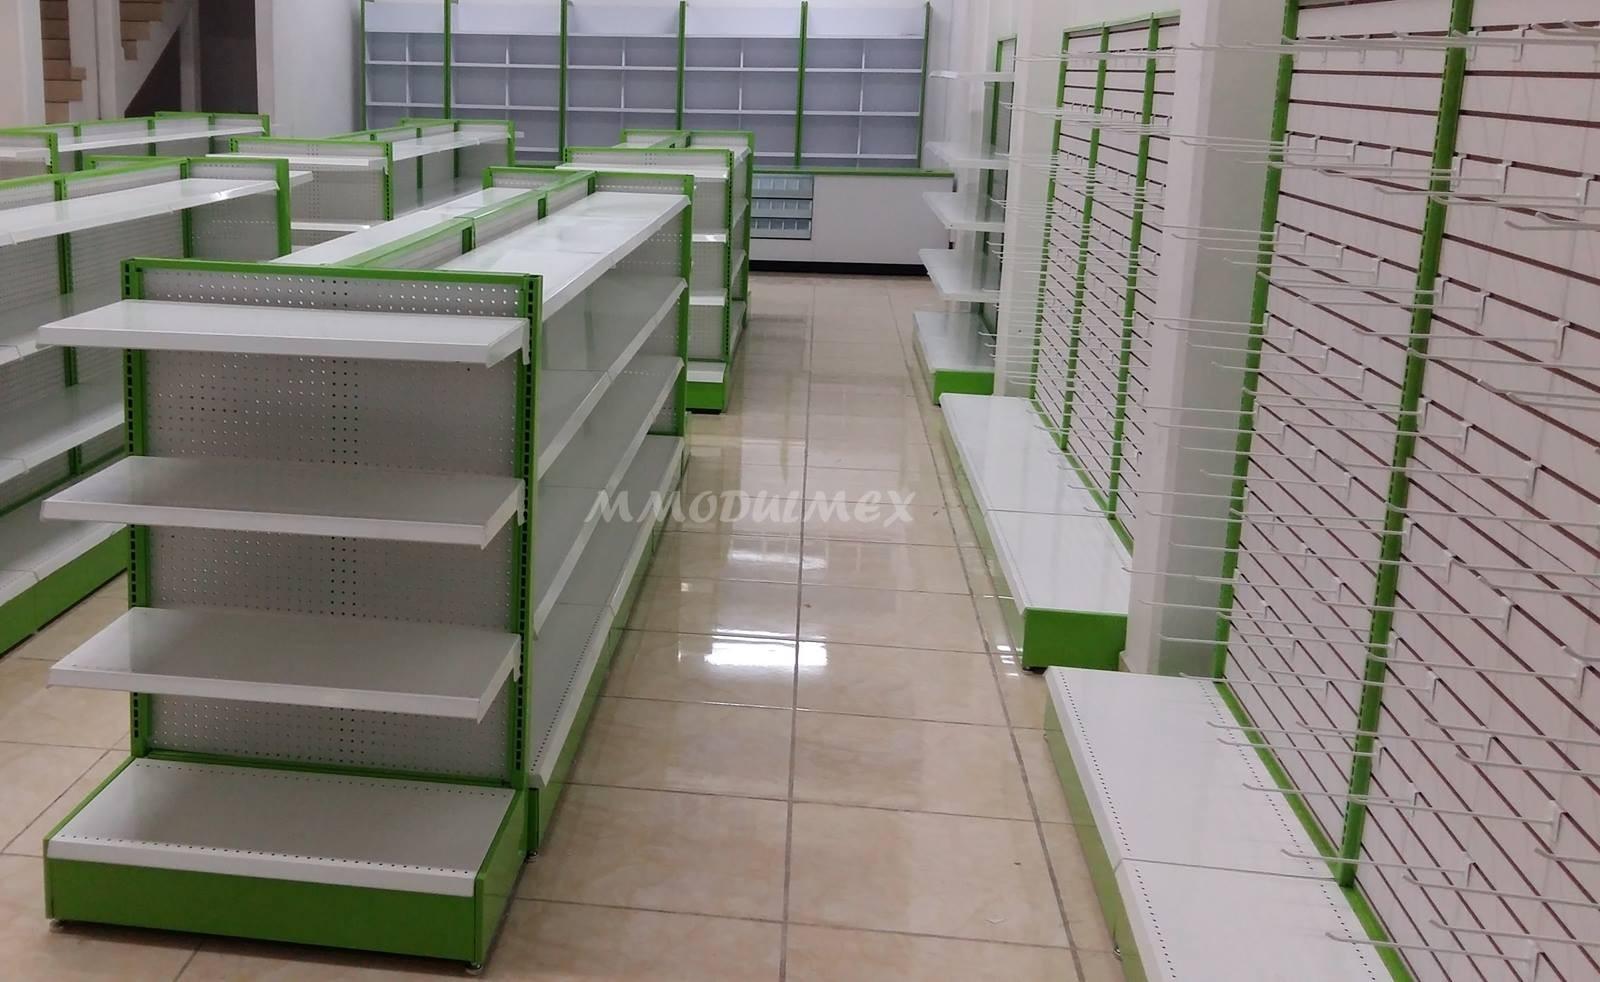 Góndolas metálicas, estantes metálicos,  anaqueles metálicos, góndolas para supermercados